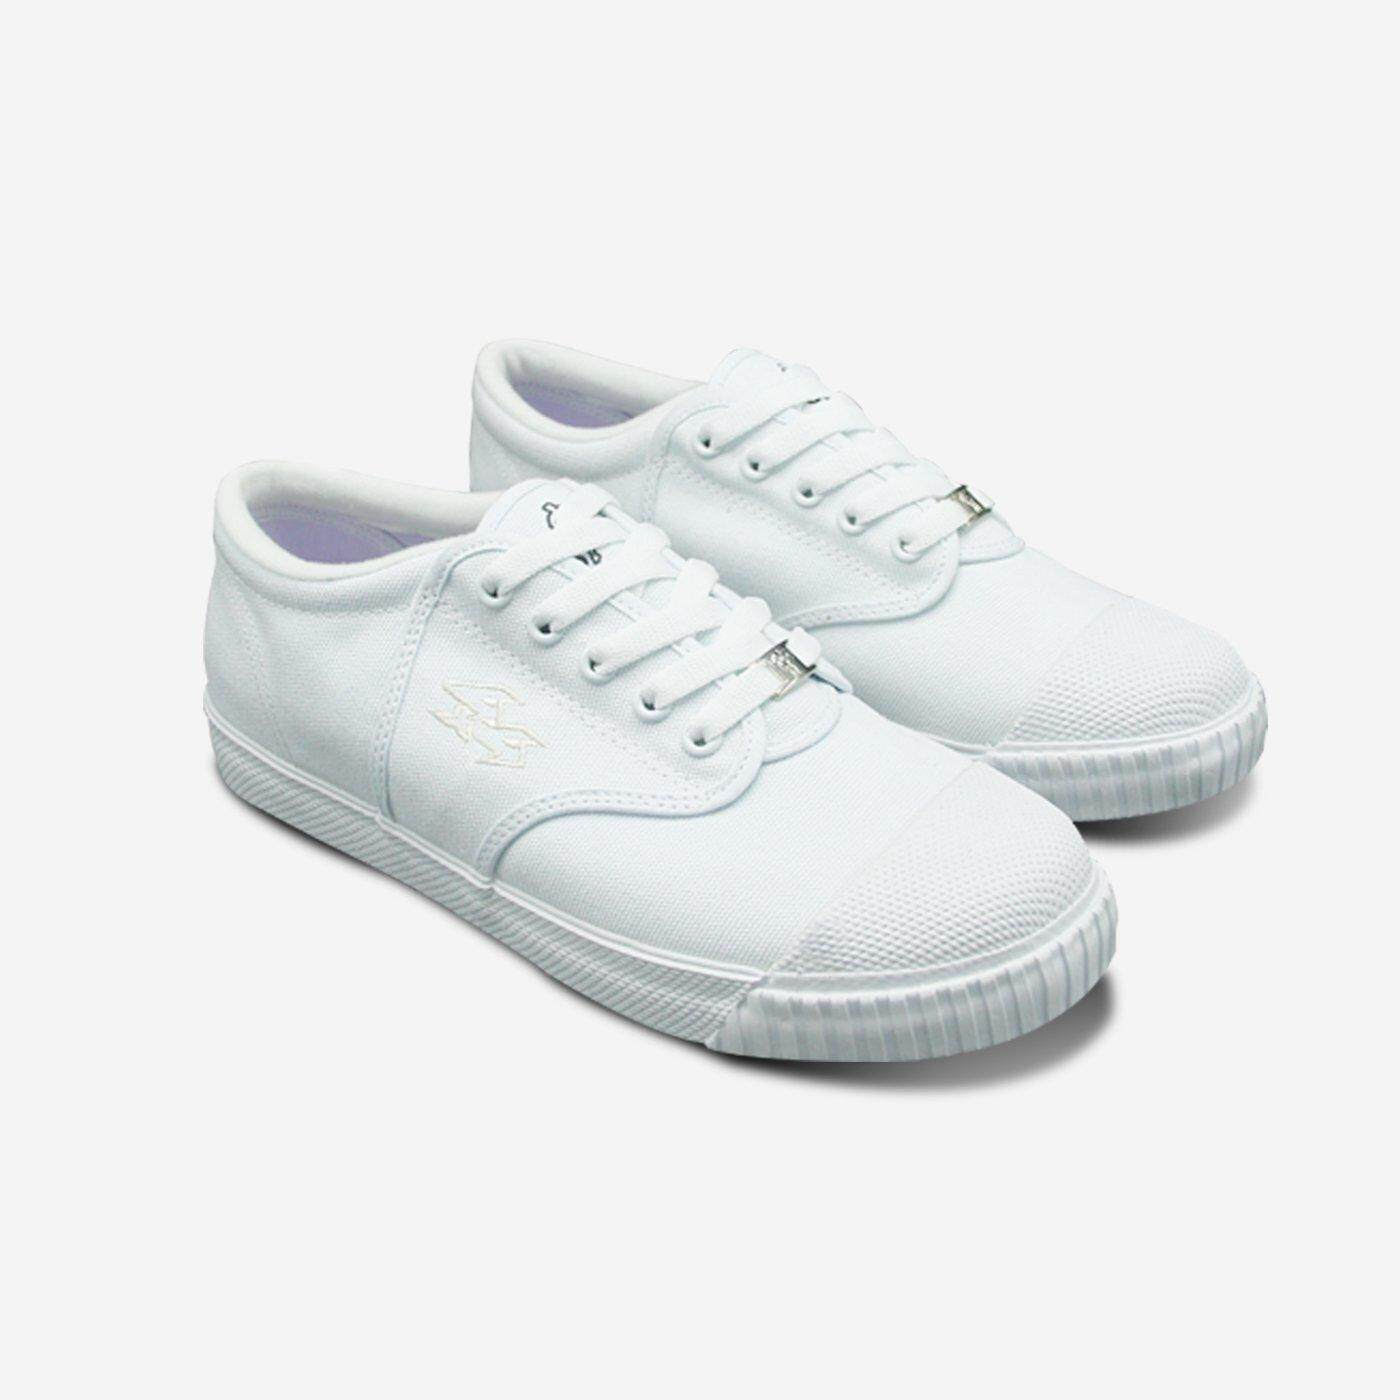 รองเท้าผ้าใบนักเรียน Breaker 4x4 รหัส 4x4-W สีขาว / 4x4-B สีน้ำตาล / 4x4-A สีดำ.